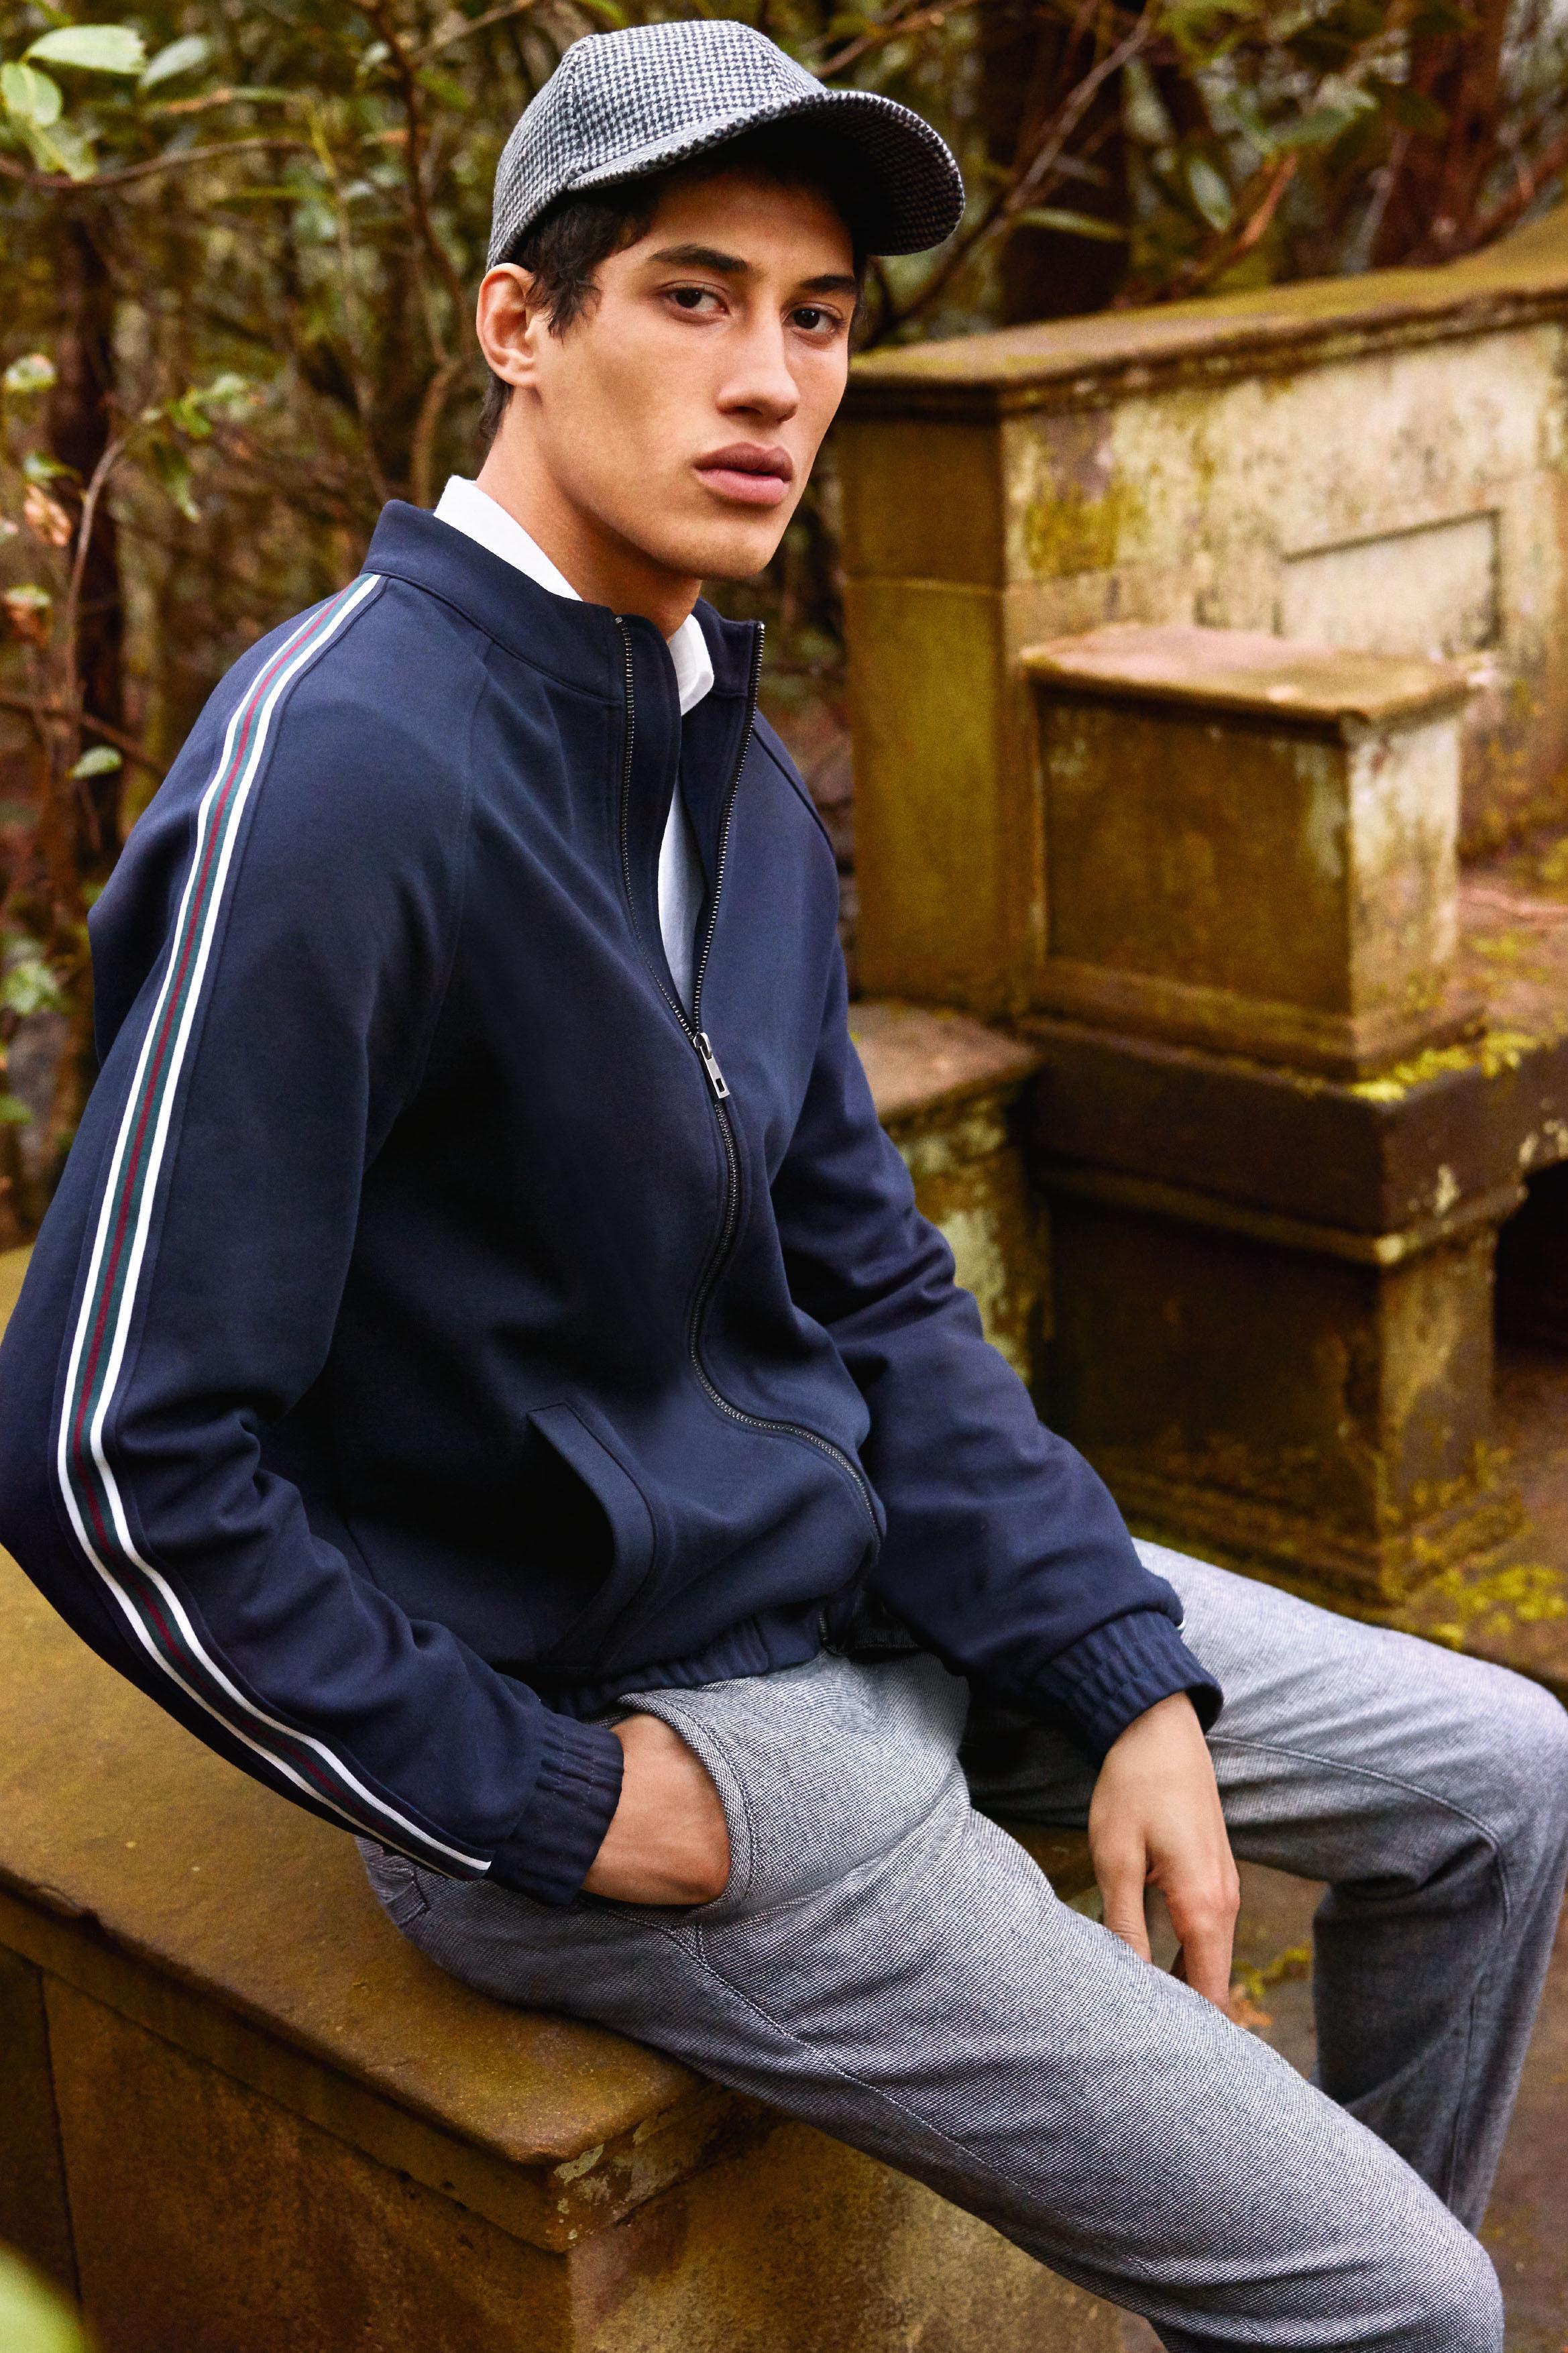 Trendige Kombination: Sportliche Jacke mit College-Streifen trifft Hahnentritt-Hose.